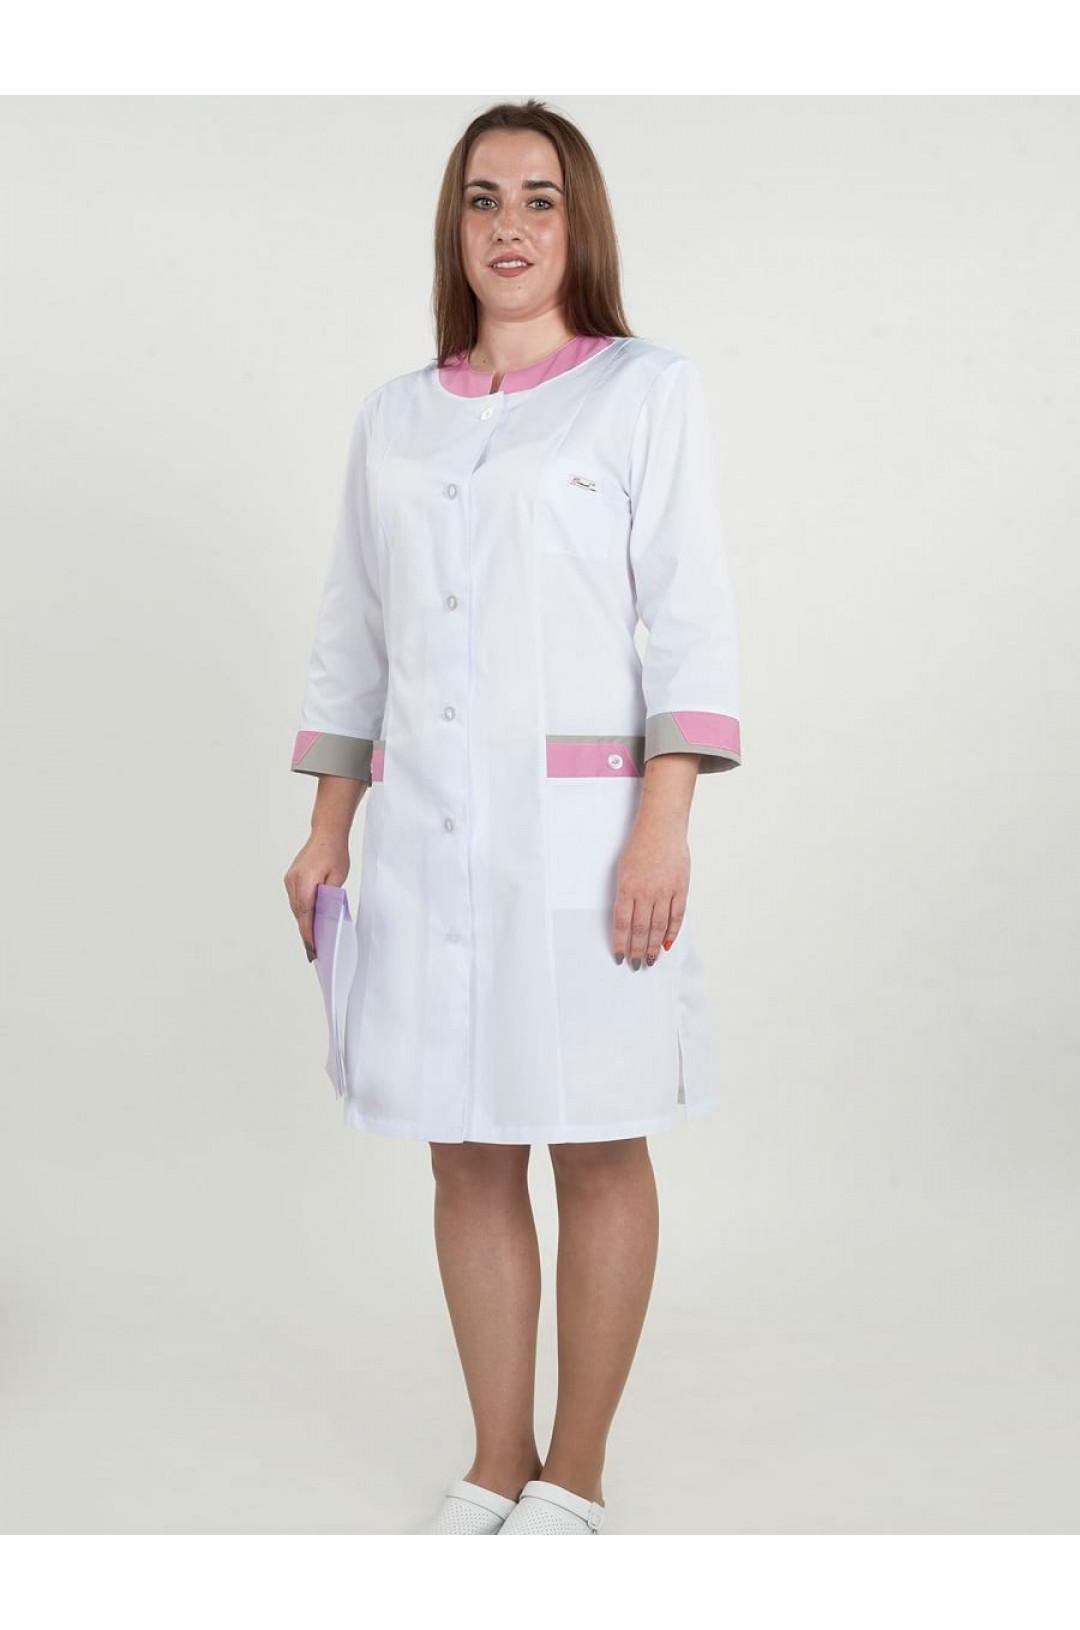 Халат медицинский женский 178 (белый, тиси)